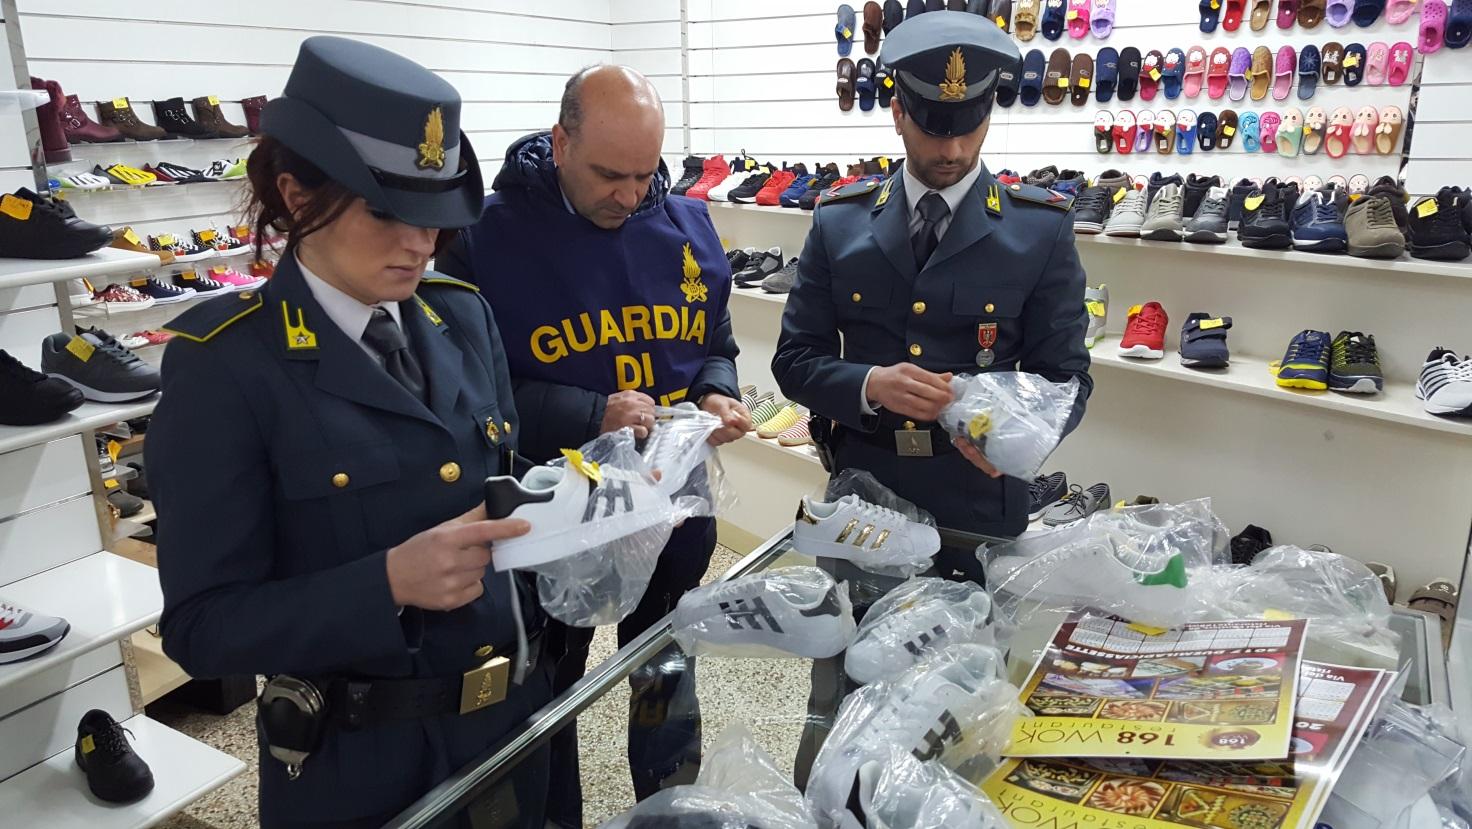 Contraffazione, oltre 400 mila prodotti sequestrati nel Ragusano